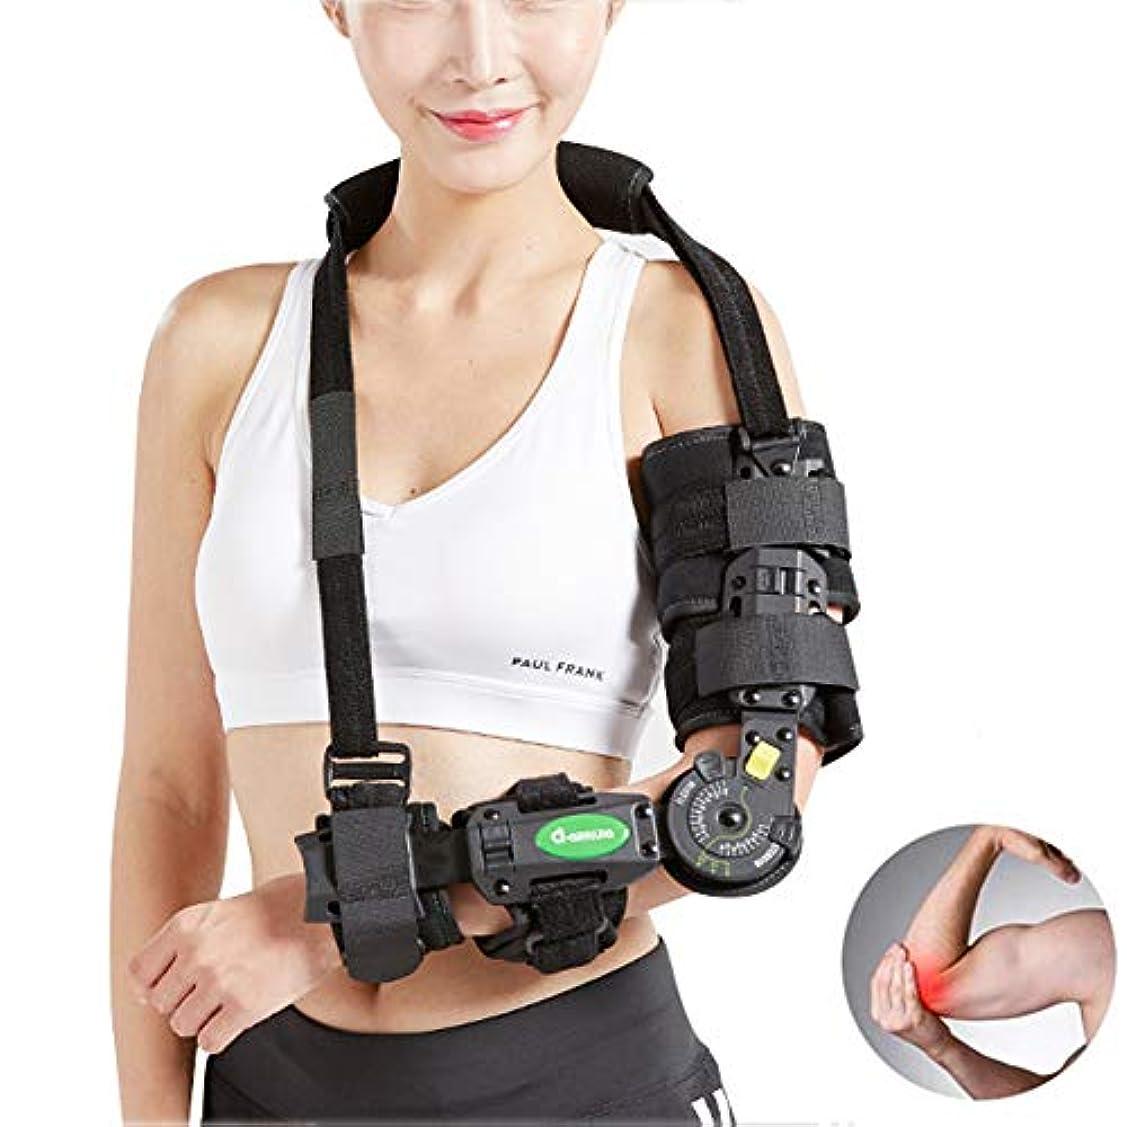 なんでも徐々に徐々に調整可能なアームスリングヒンジ付き肘ブレースサポート、術前?術後支援サポート&骨折した腕の上昇、外傷回復、腕固定ワンサイズ - ユニセックス